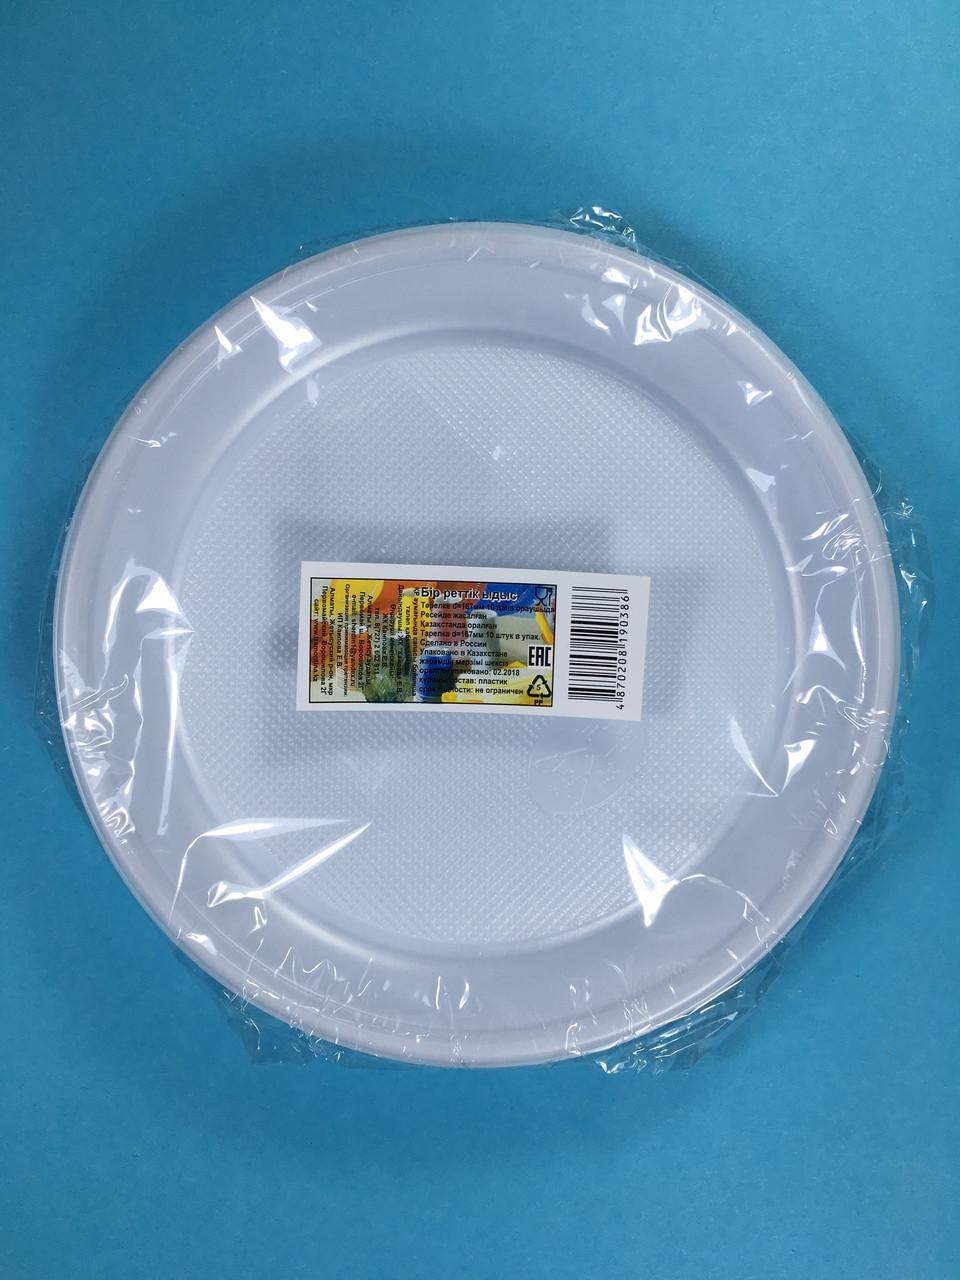 Тарелка одноразовая белая 167 мм 10 шт/уп Sherdin